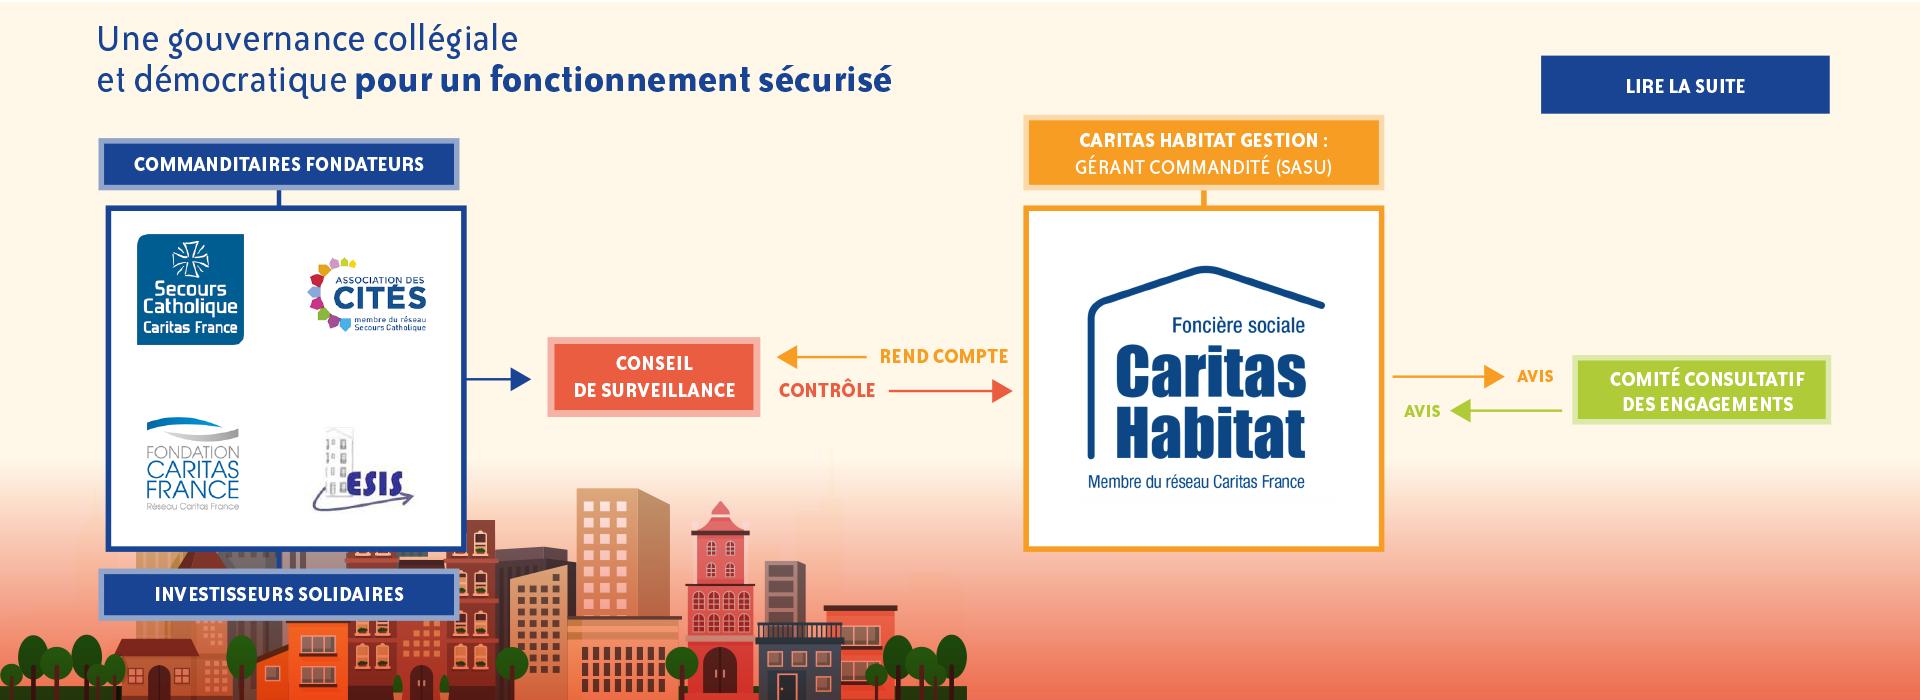 Caritas Habitat gouvernance collégiale et démocratique